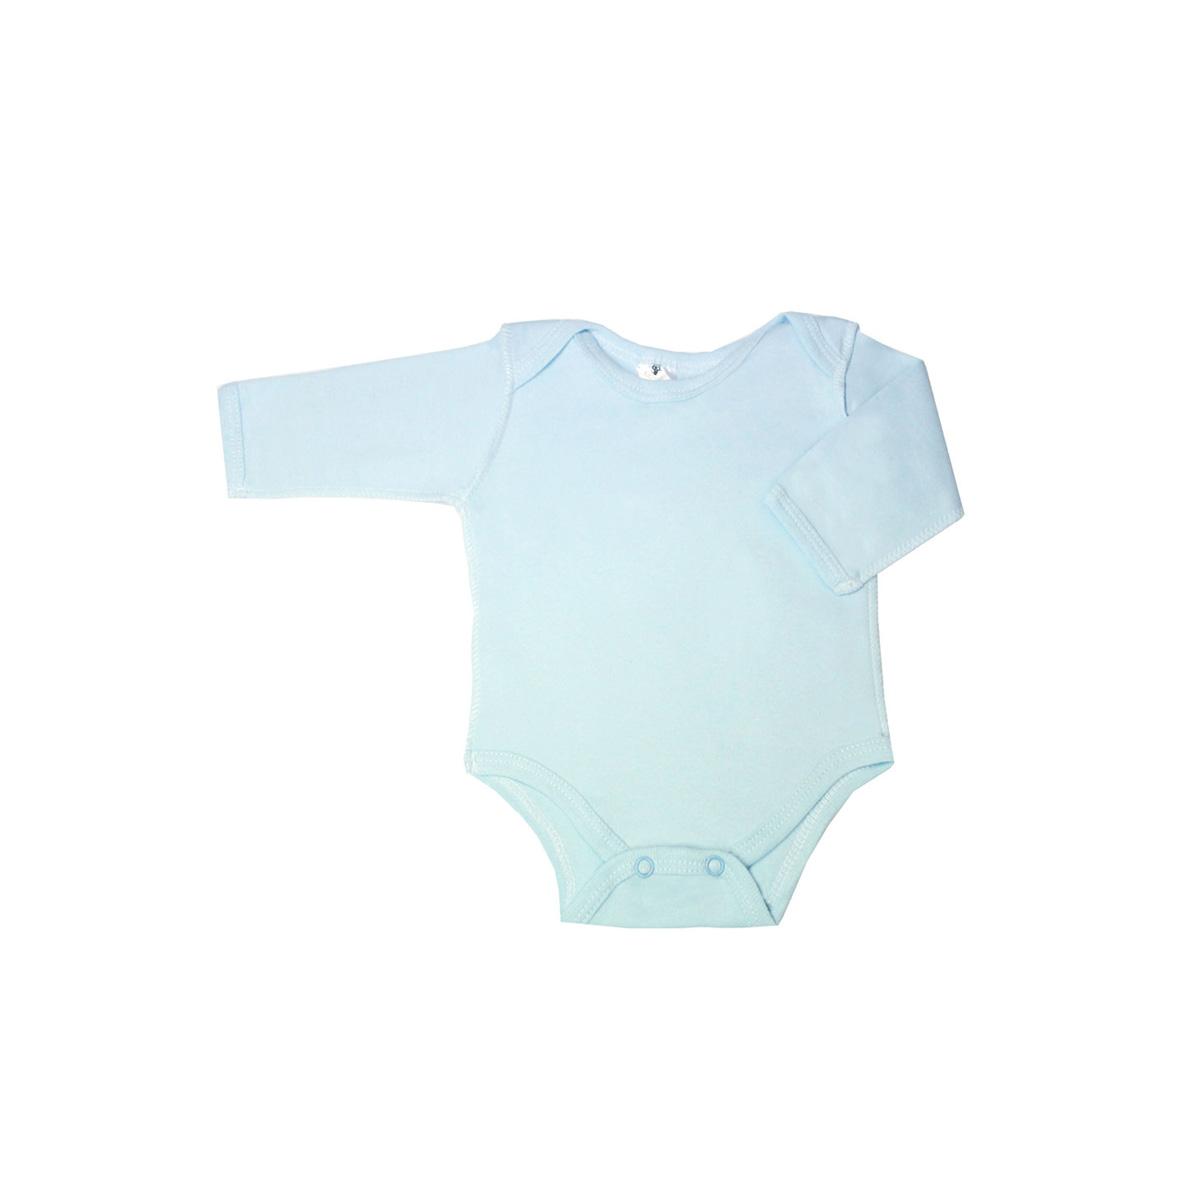 Боди с рукавом КОТМАРКОТ для мальчика, цвет однотонный голубой 6-9 мес (размер 74)<br>